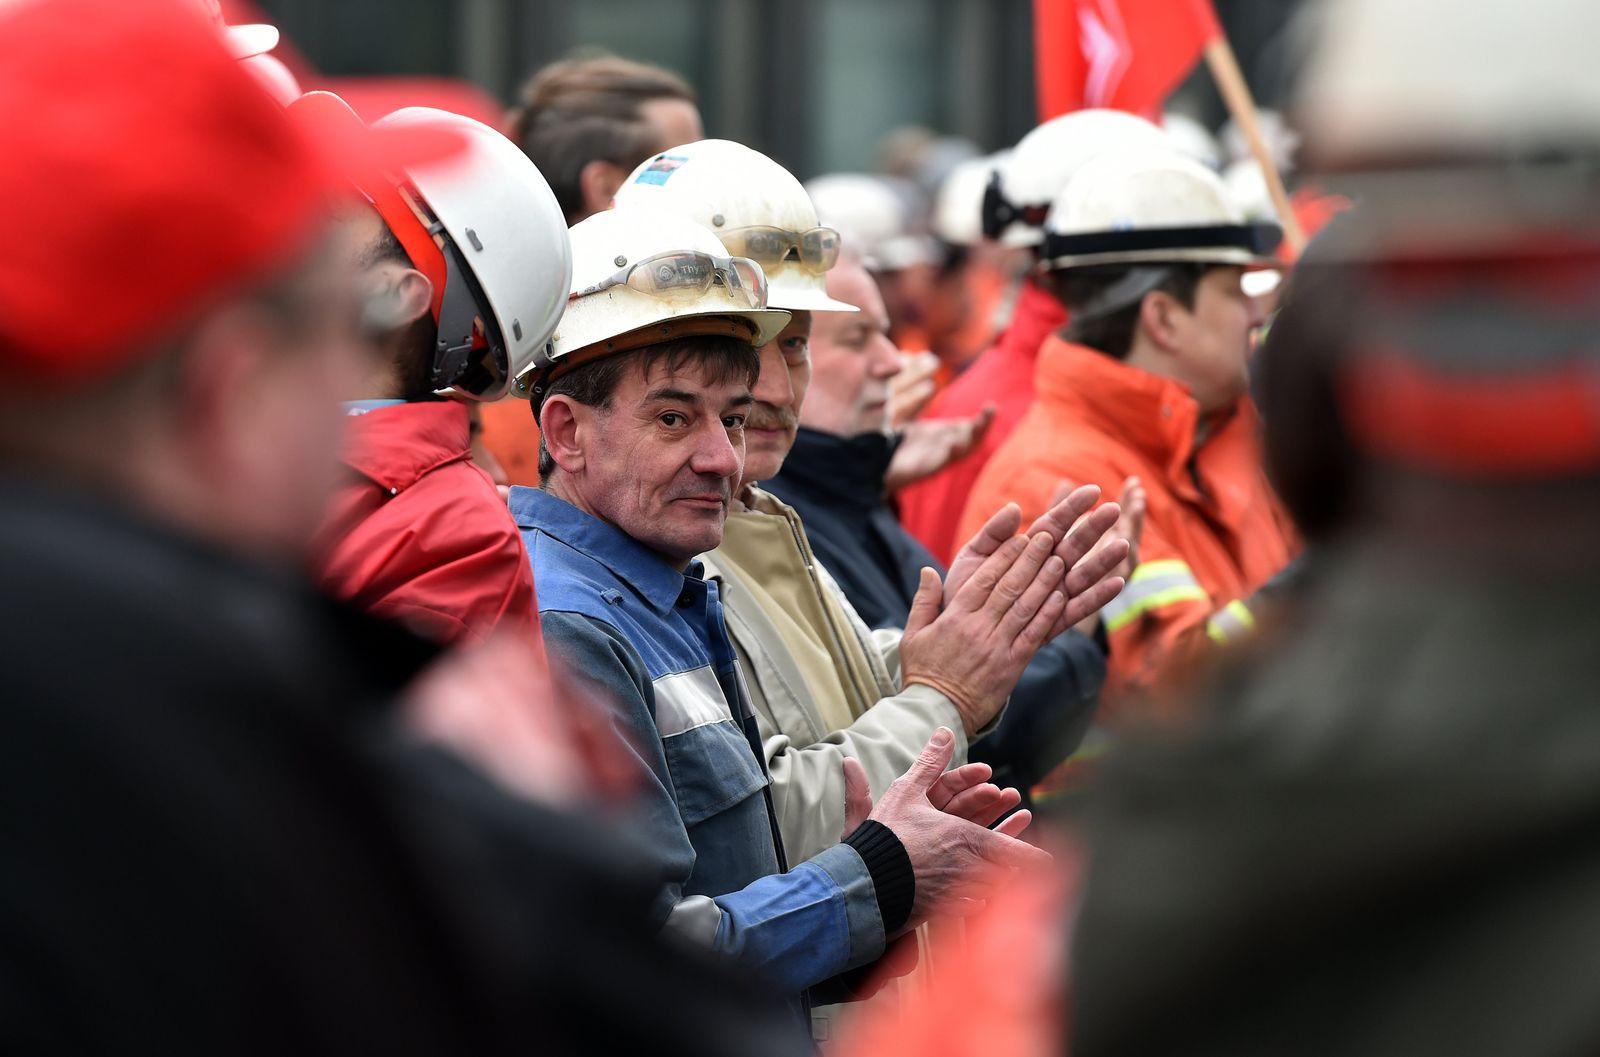 Warnstreik der Stahlindustrie in Duisburg